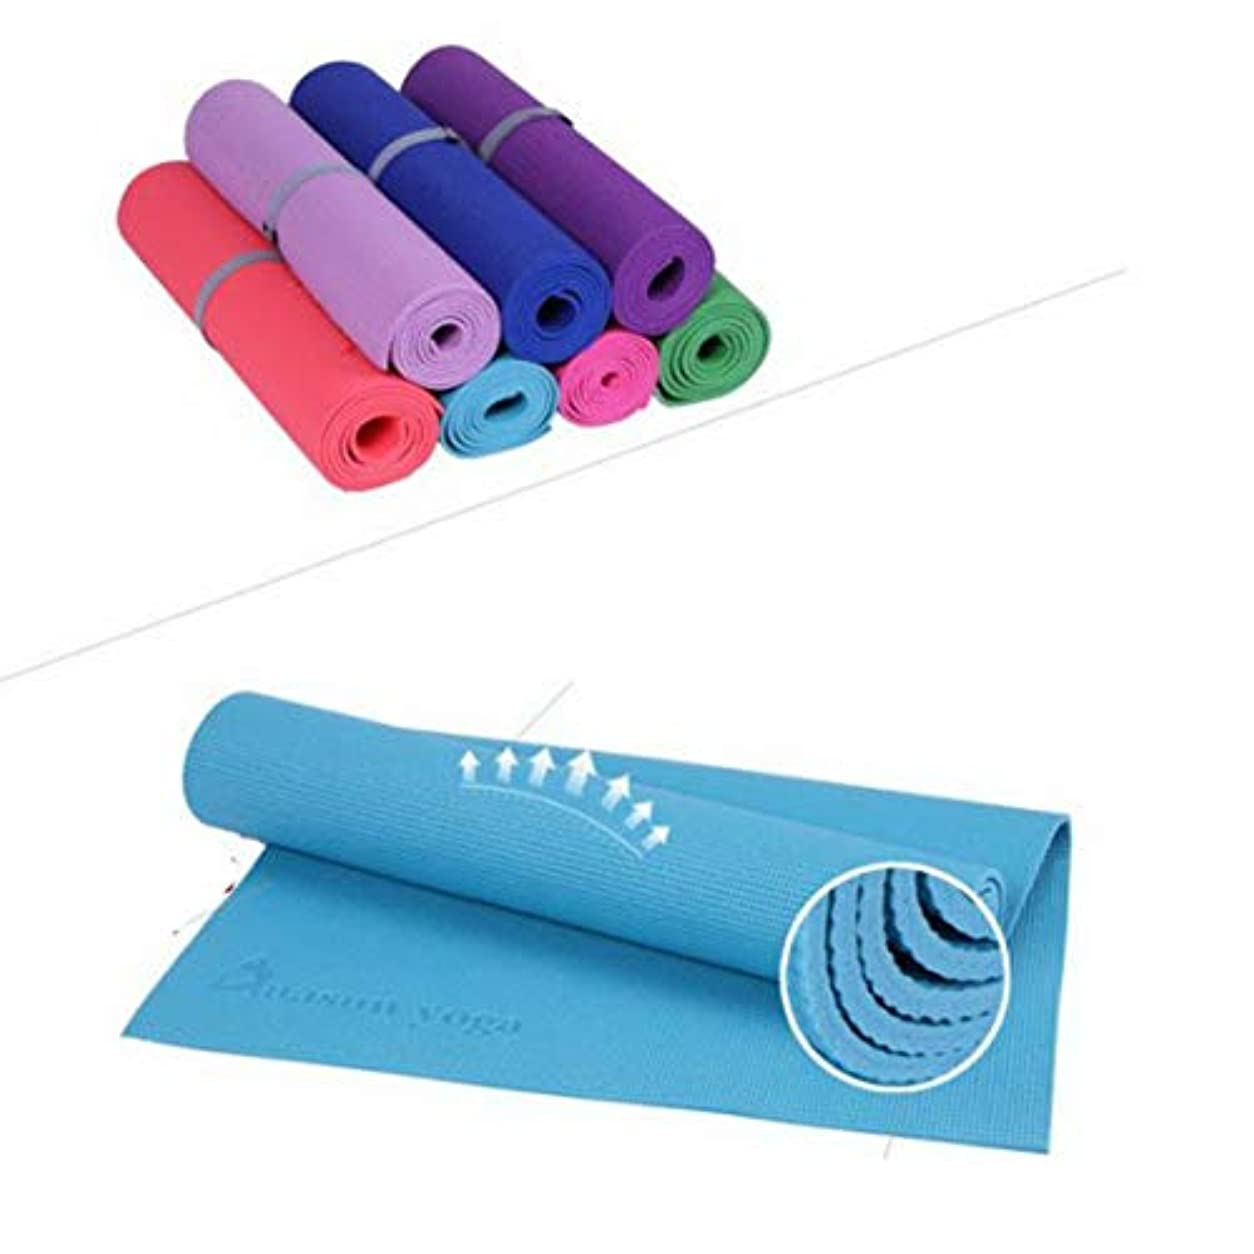 ネコ検証保有者PVCヨガマットフローラルプリントヨガマット滑り止め通気性グッドグリップパッドエクササイズフィットネスパッド厚さ6mm